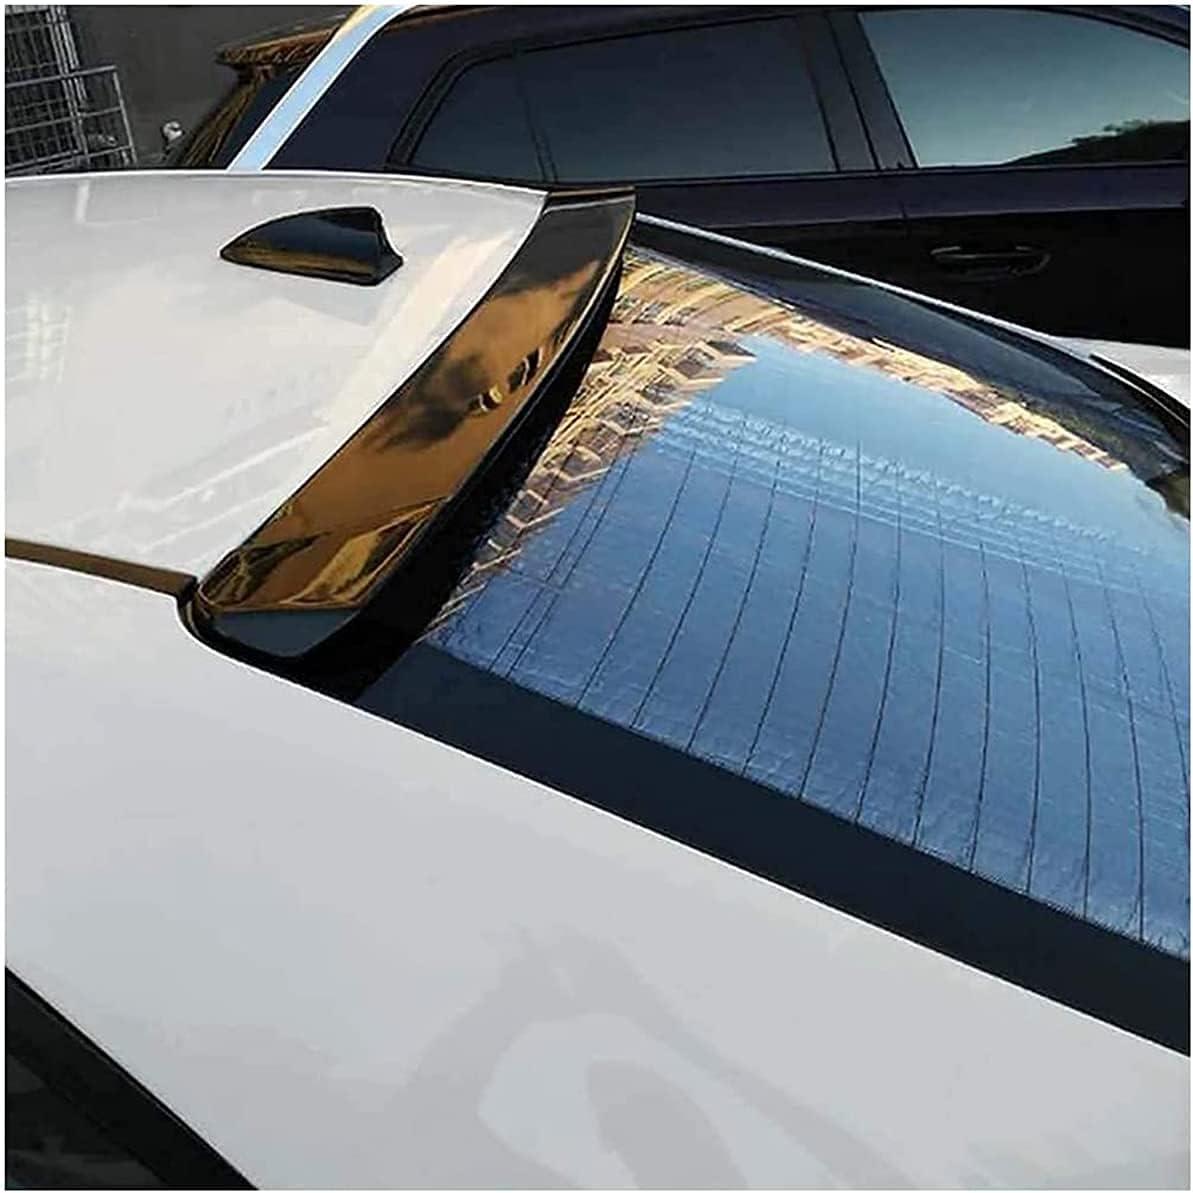 MJCDNB Alerones Traseros de Coche, para Chevrolet Cruze, alerón de Techo 2009-2014, ABS, Puerta Trasera, Parachoques, Parachoques, ala, Ventana, Parabrisas, modificación automática del Maletero,